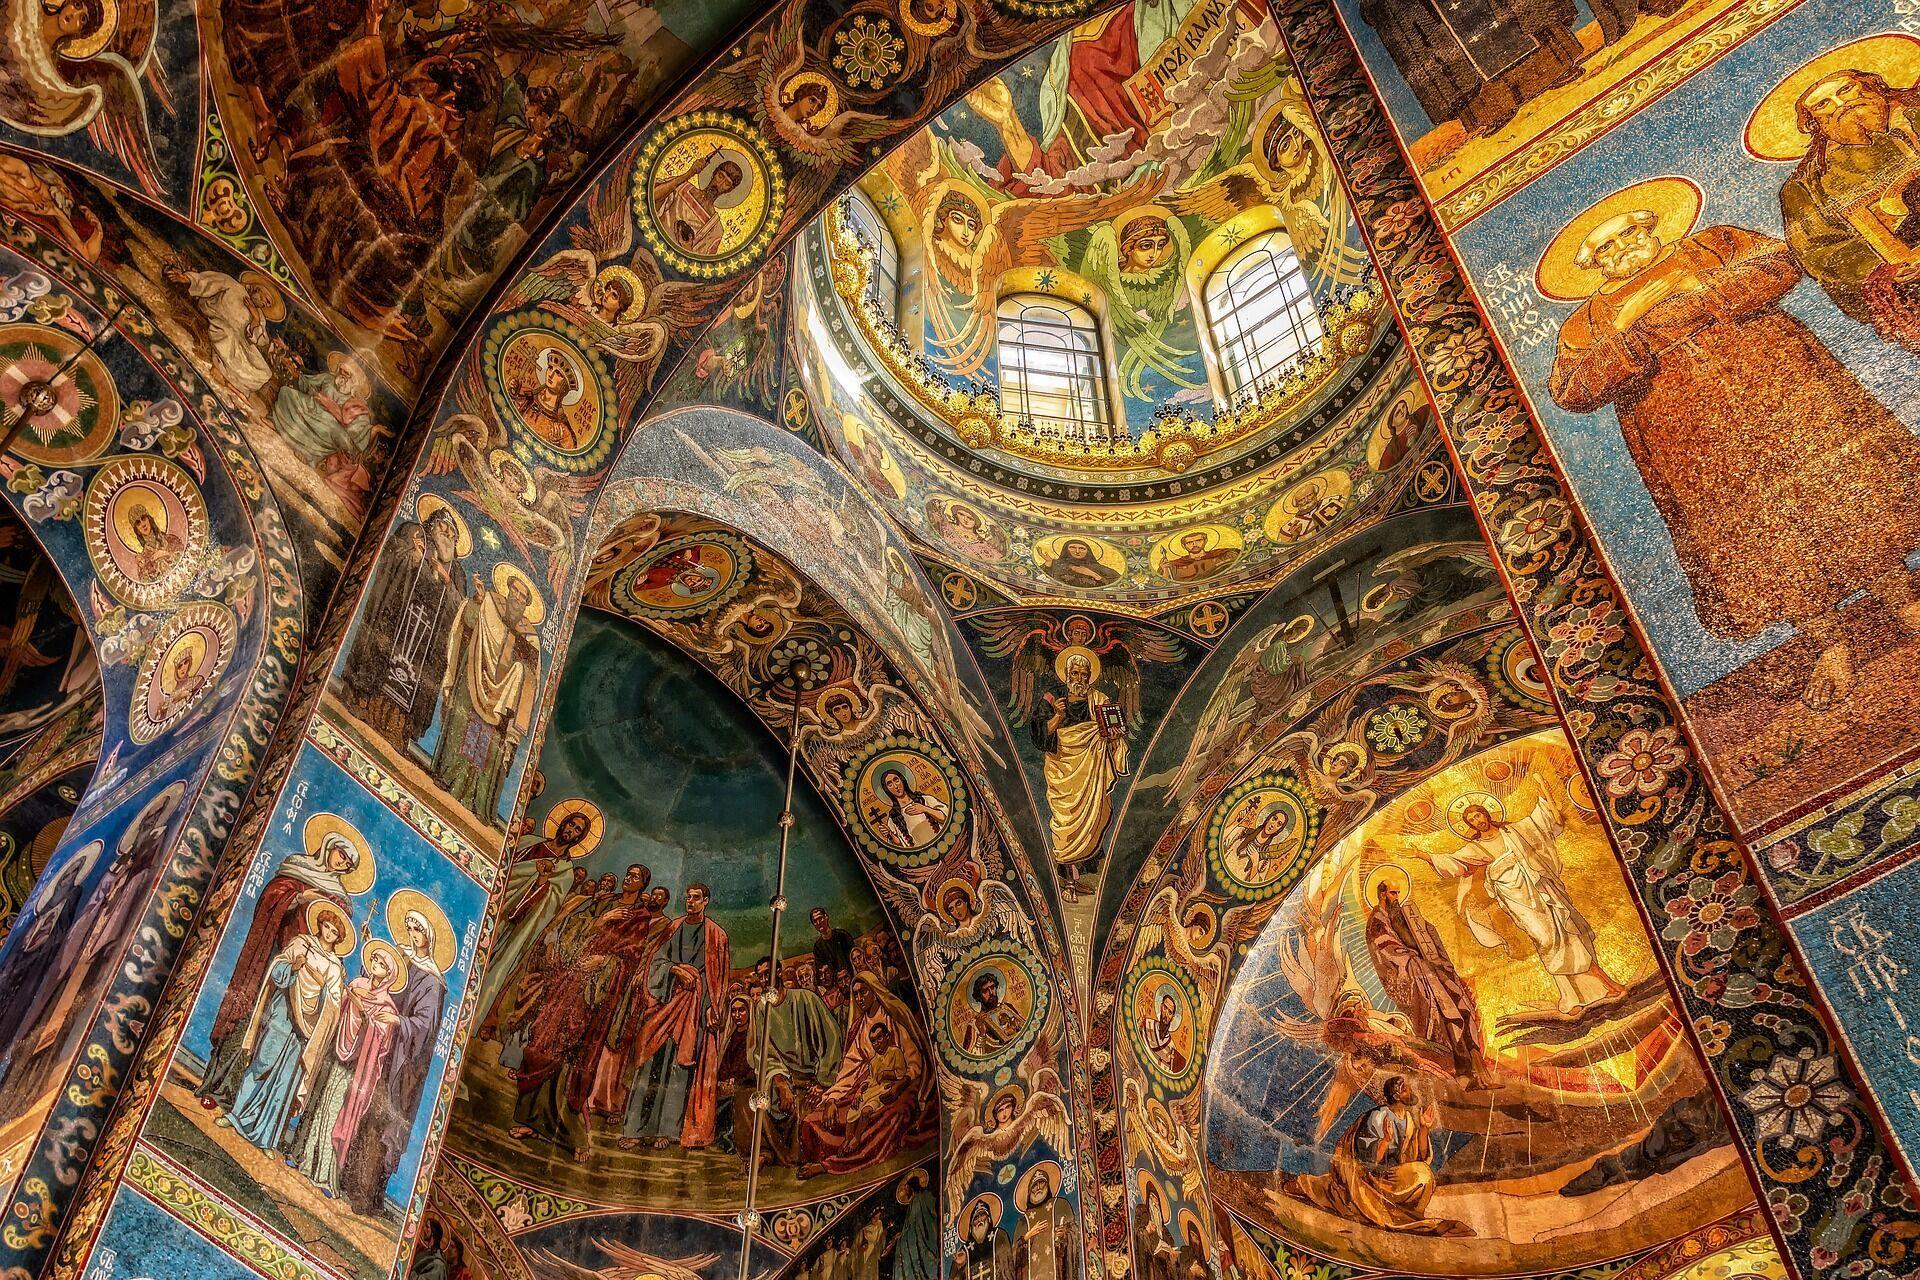 В Первый Спас в православных храмах проходят праздничные богослужения